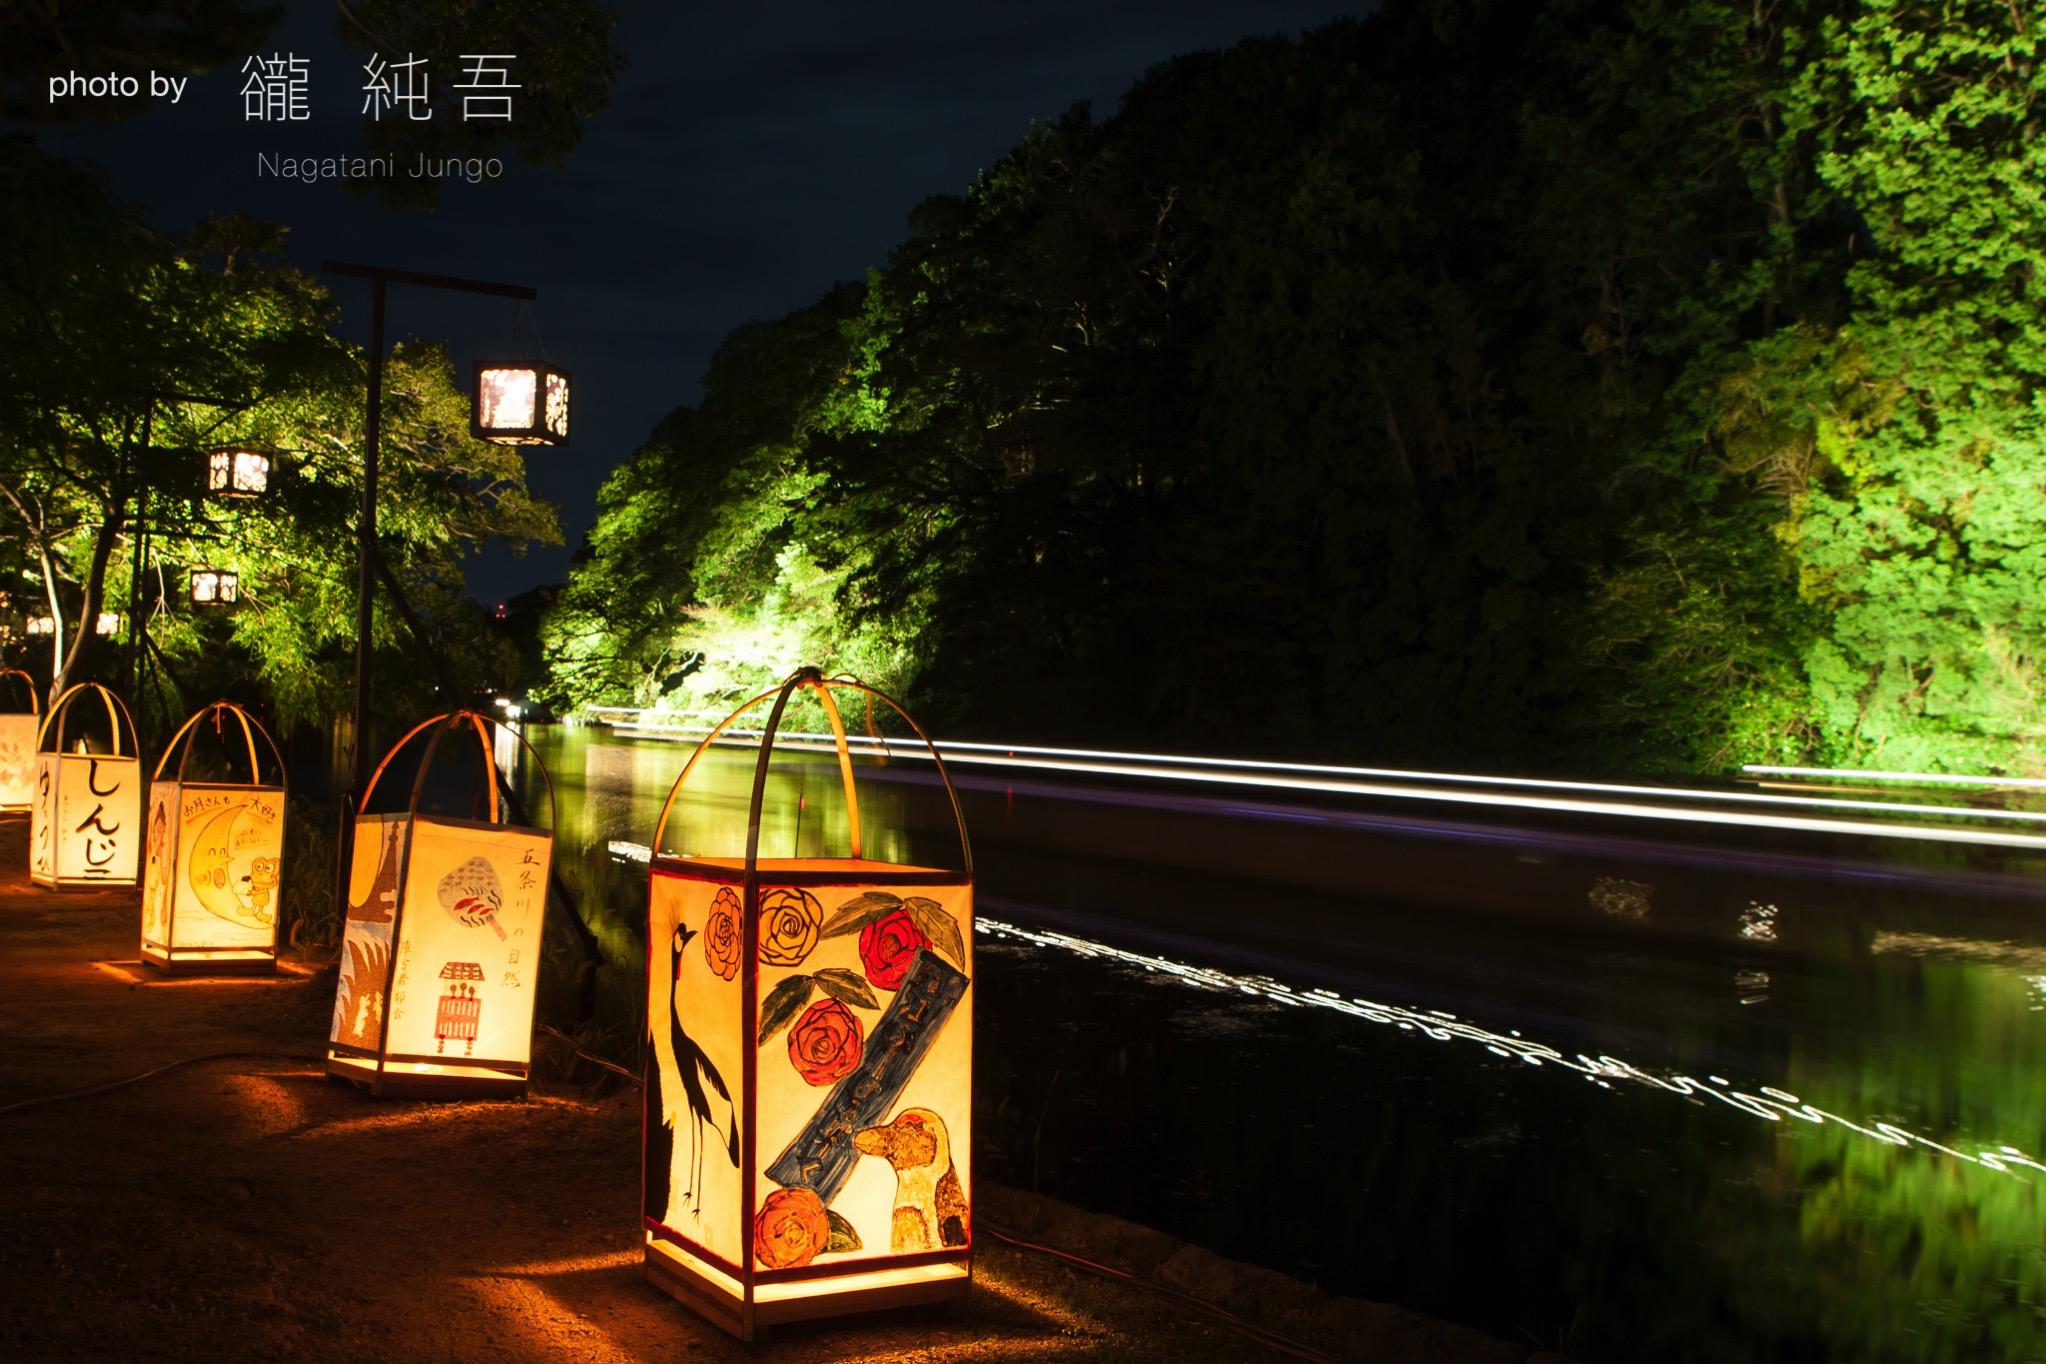 松江水燈路2017〜市民の力で作り出す松江城の光のイベント